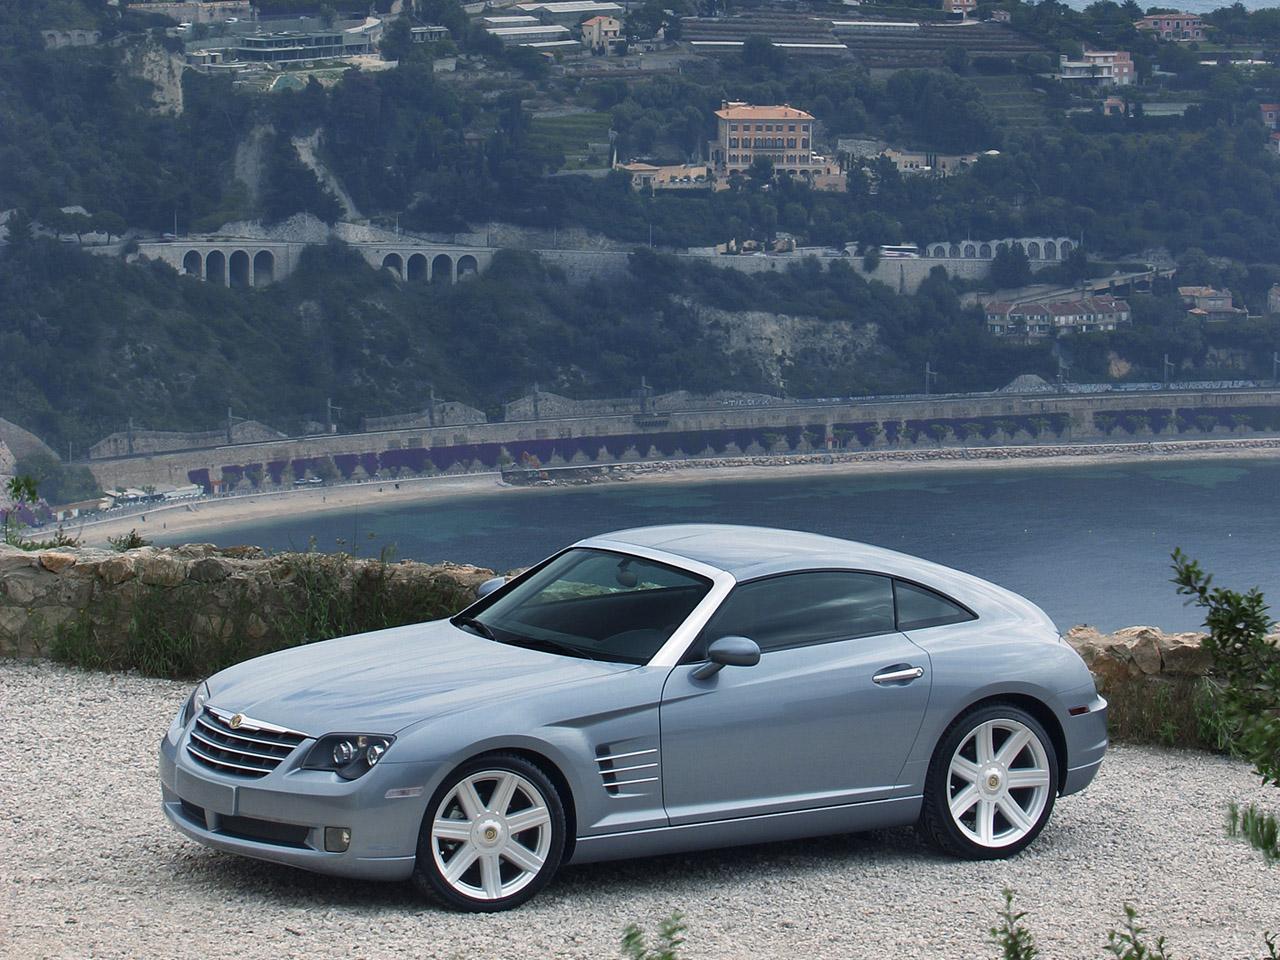 Chrysler Crossfire 1280x960 129 Tapety Na Pulpit Samochody